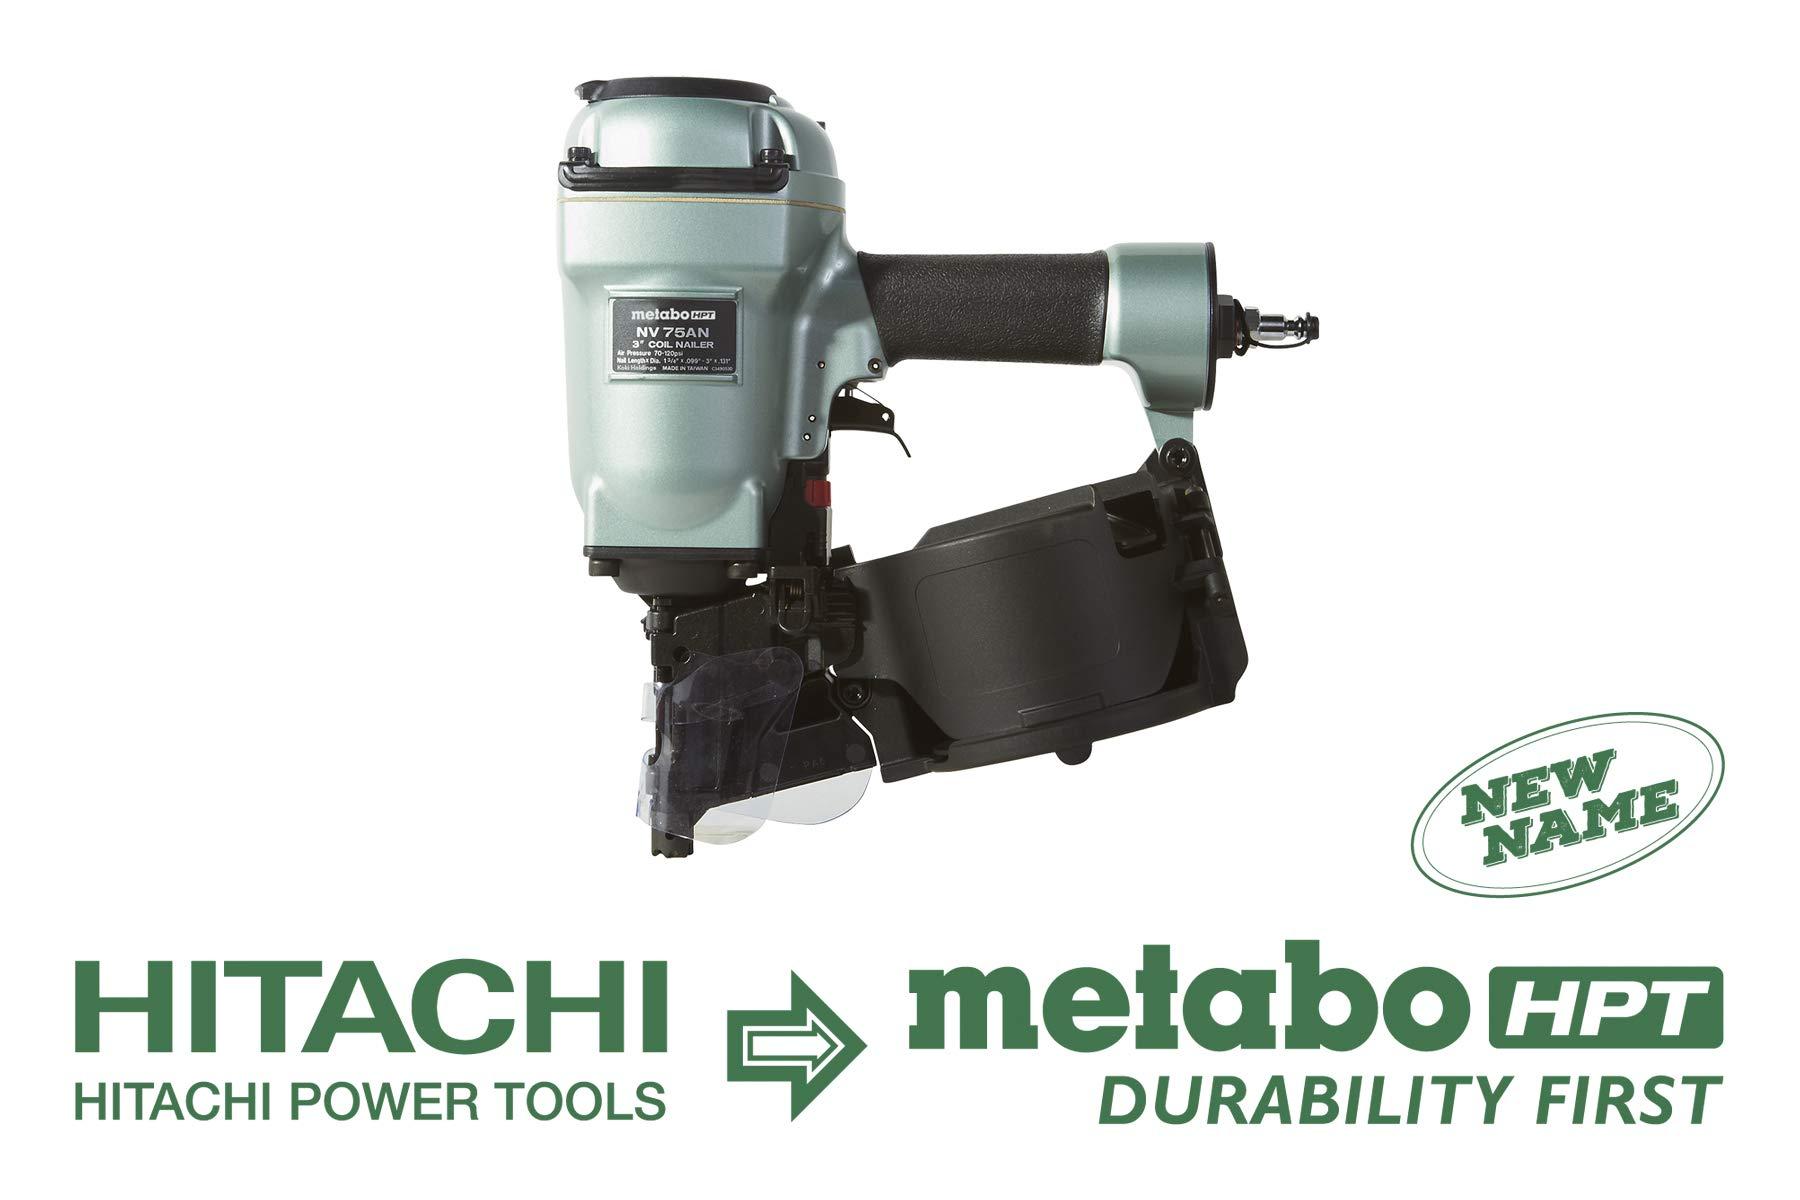 Metabo HPT NV75AN Pneumatic Adjustable